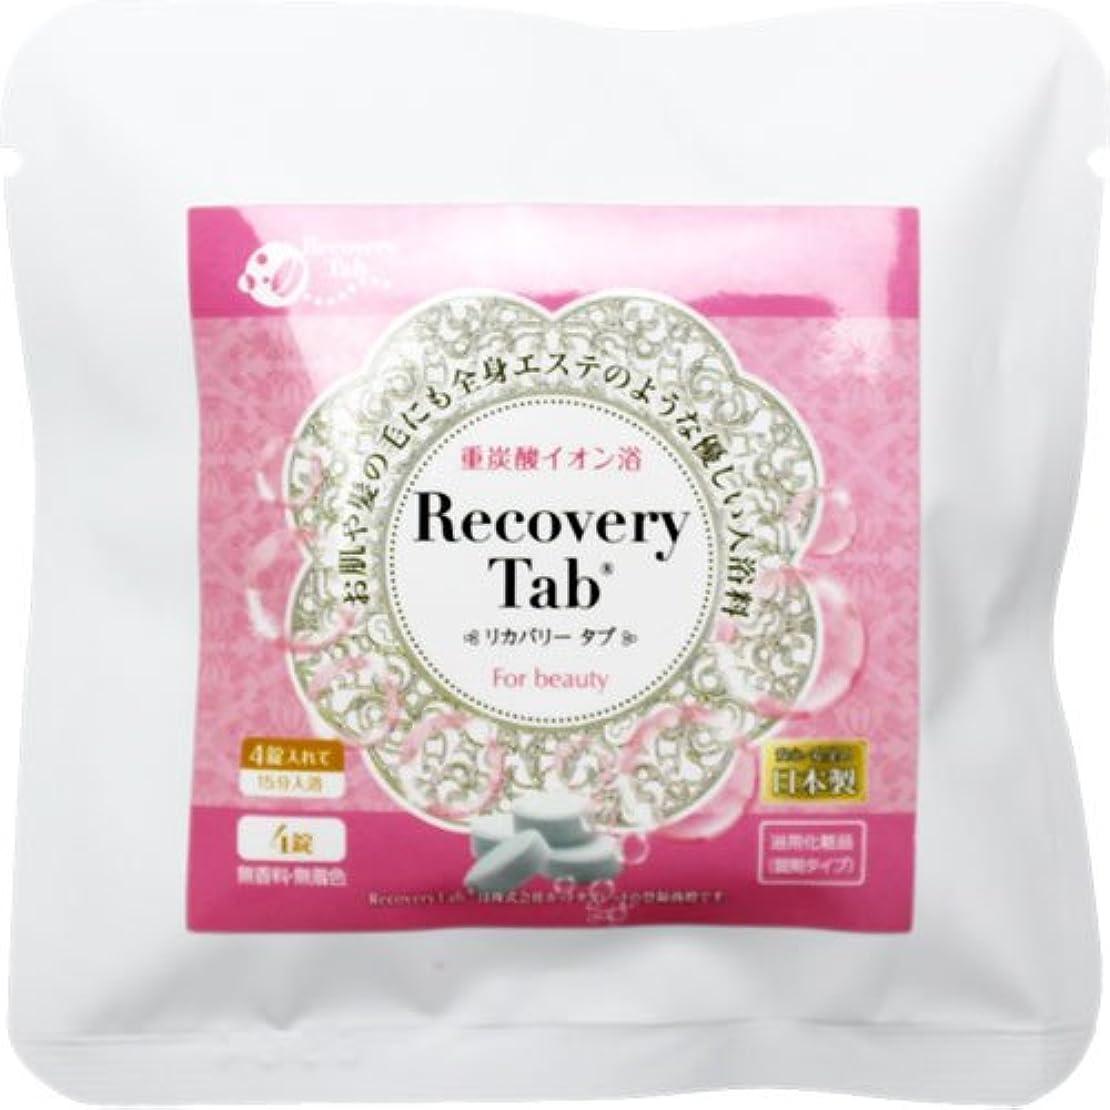 ゆり落花生民間Recovery Tab(リカバリータブ)(4錠)炭酸浴